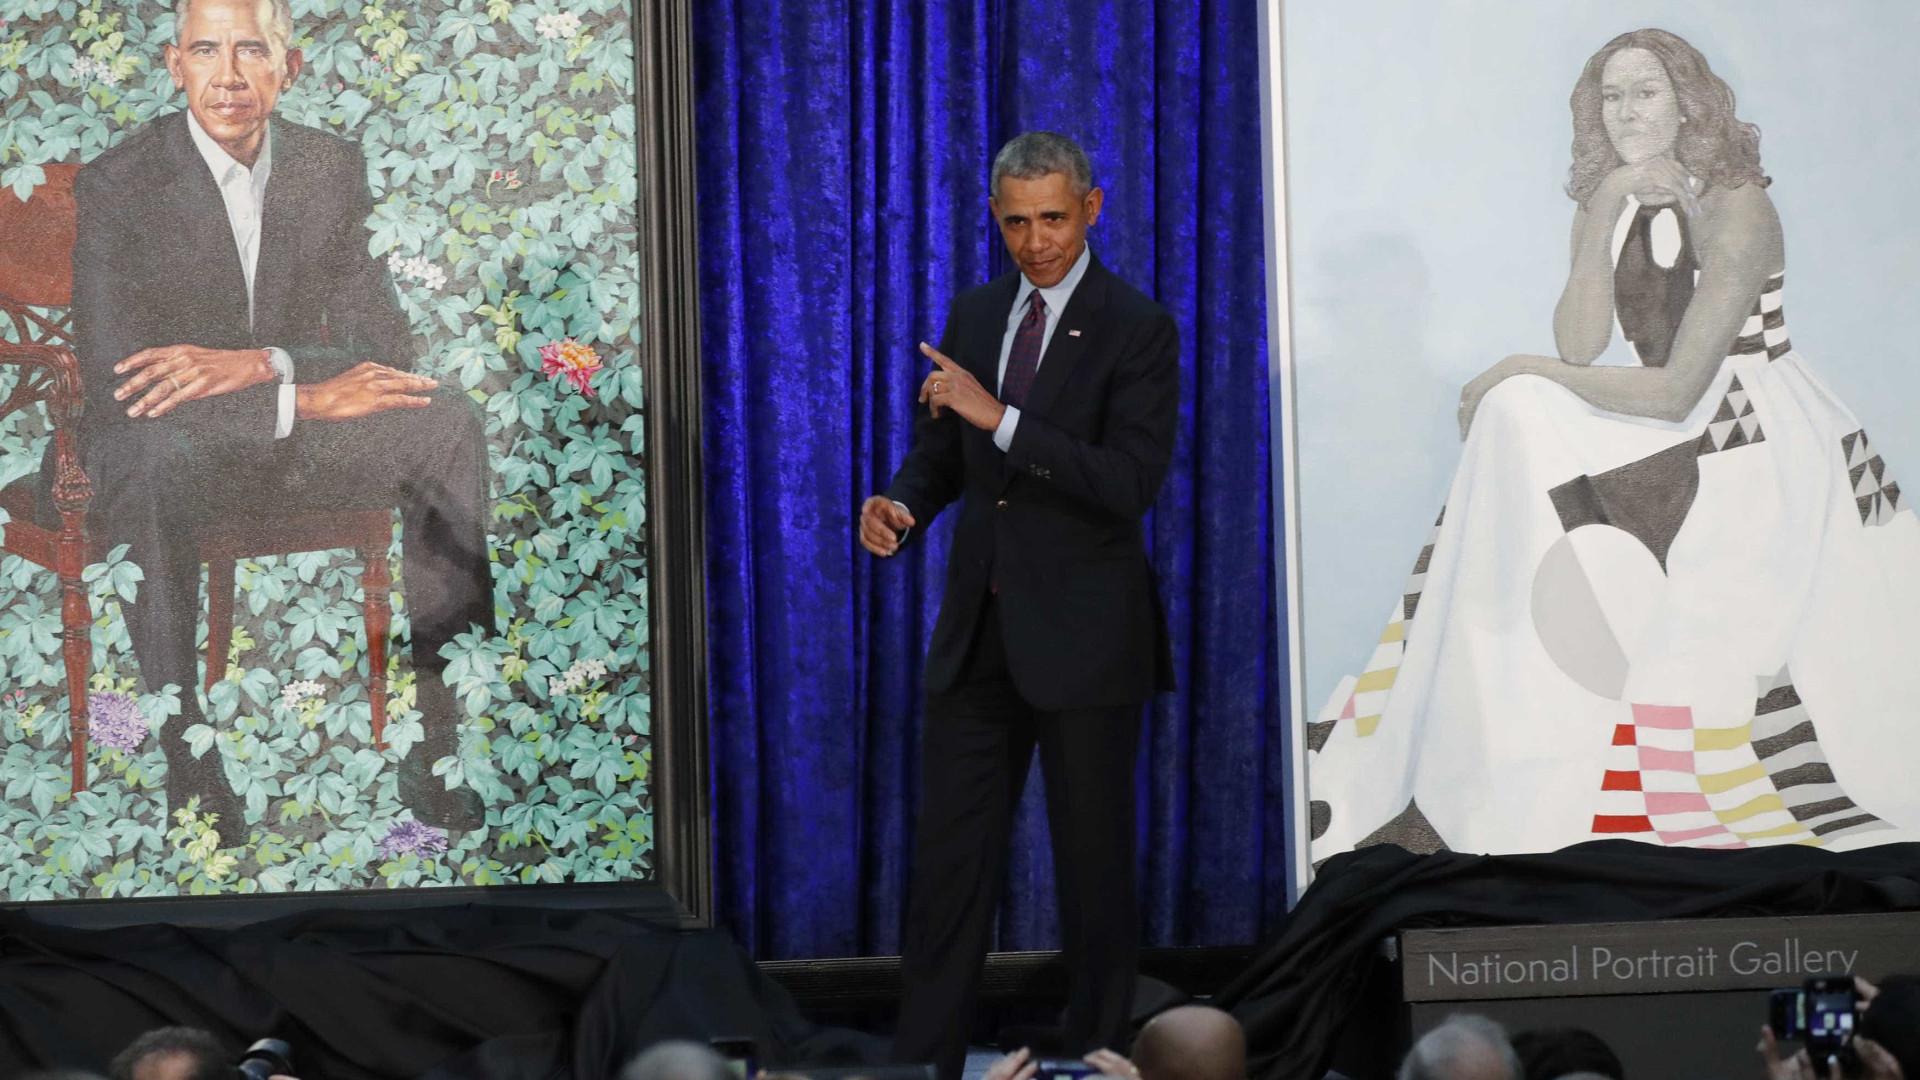 Michelle e Barack Obama ganham retrato em galeria dos presidentes